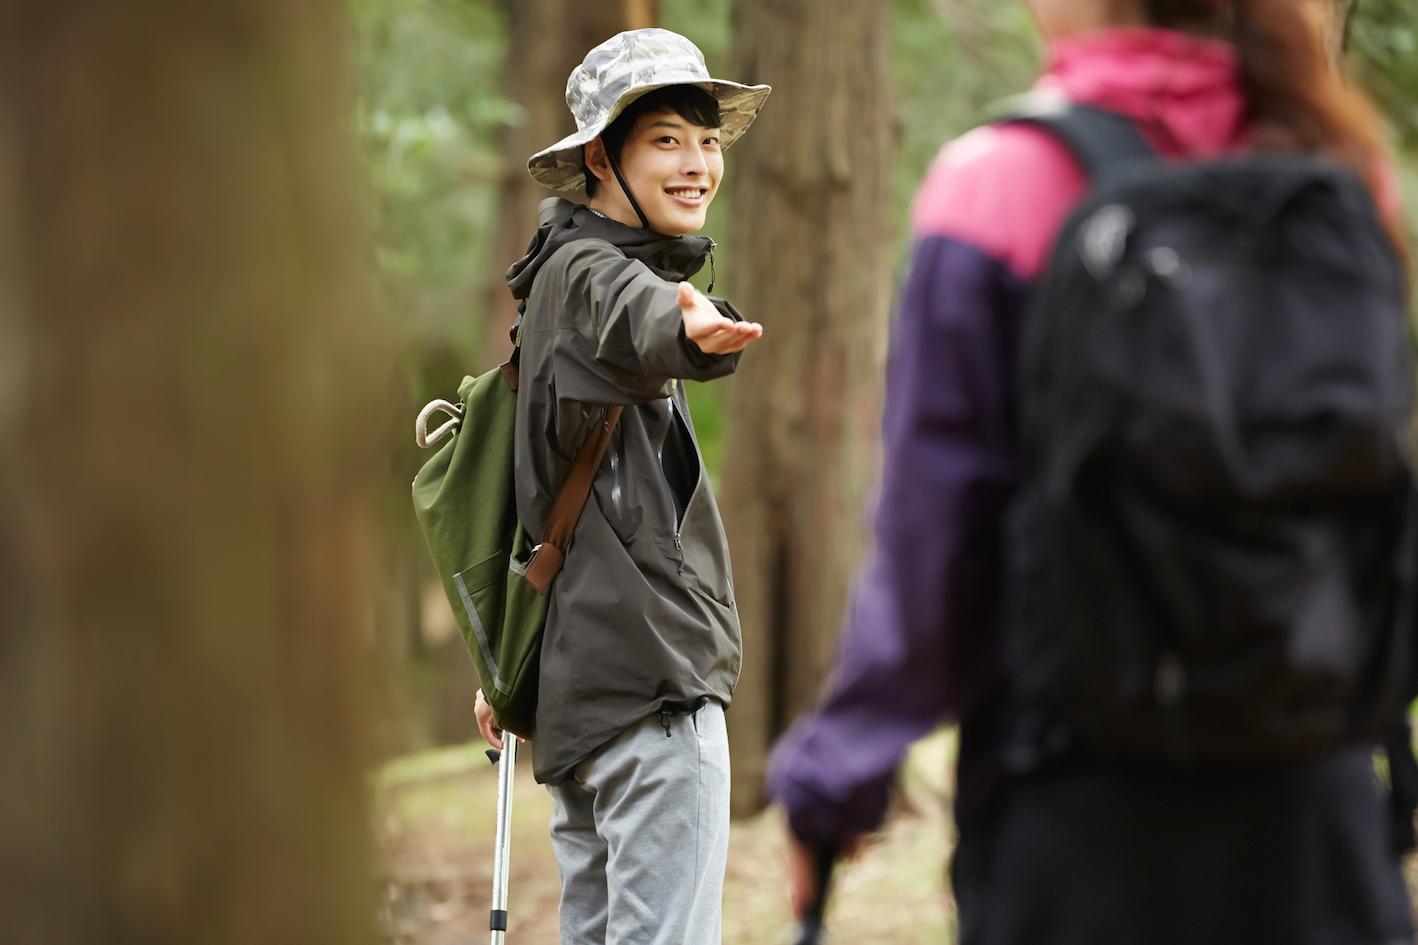 ハイキングレスキュー講習会 | 東京都